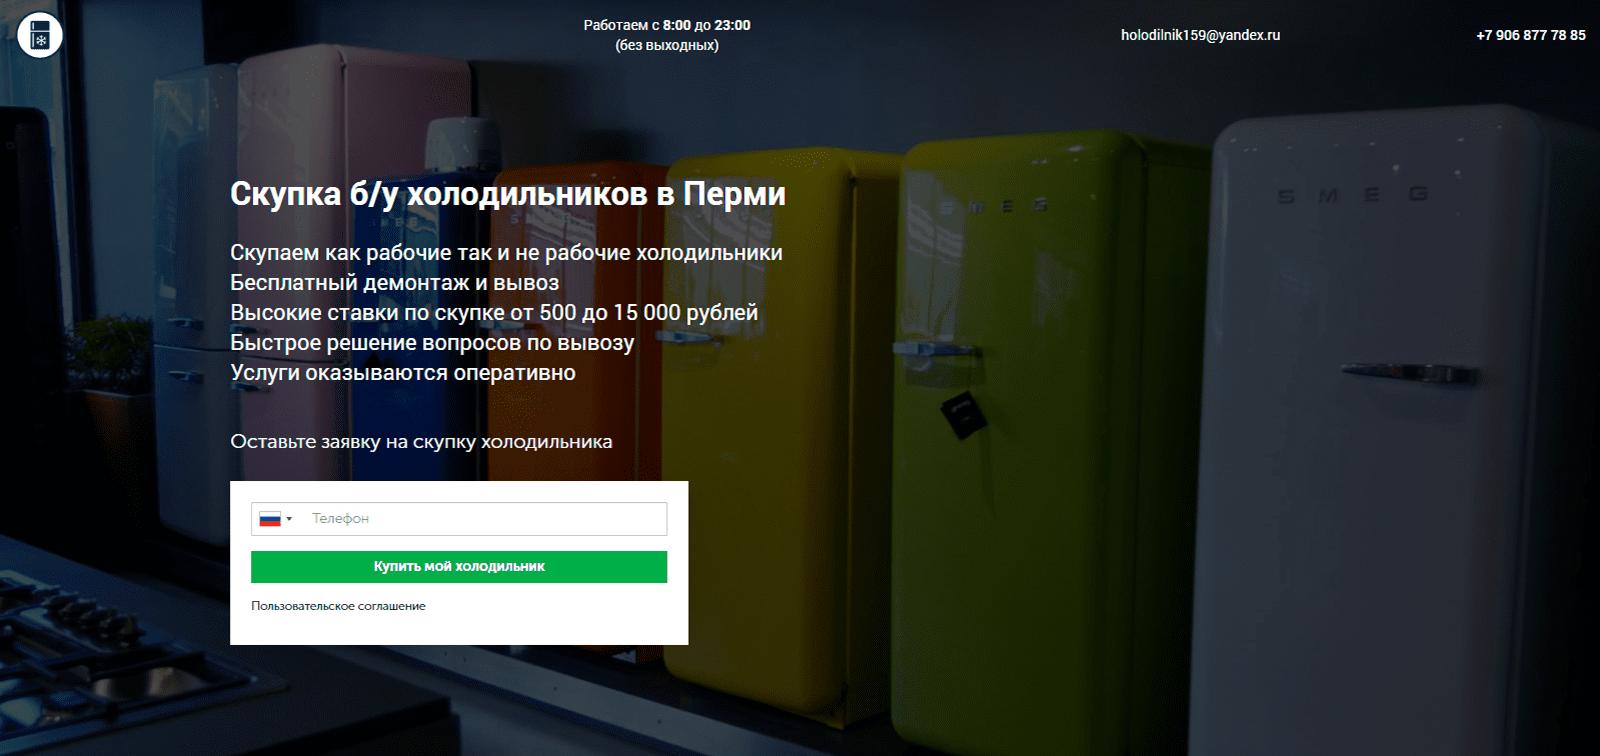 Скупка холодильниковСтоимость заявки:78 руб.Конверсия:21%